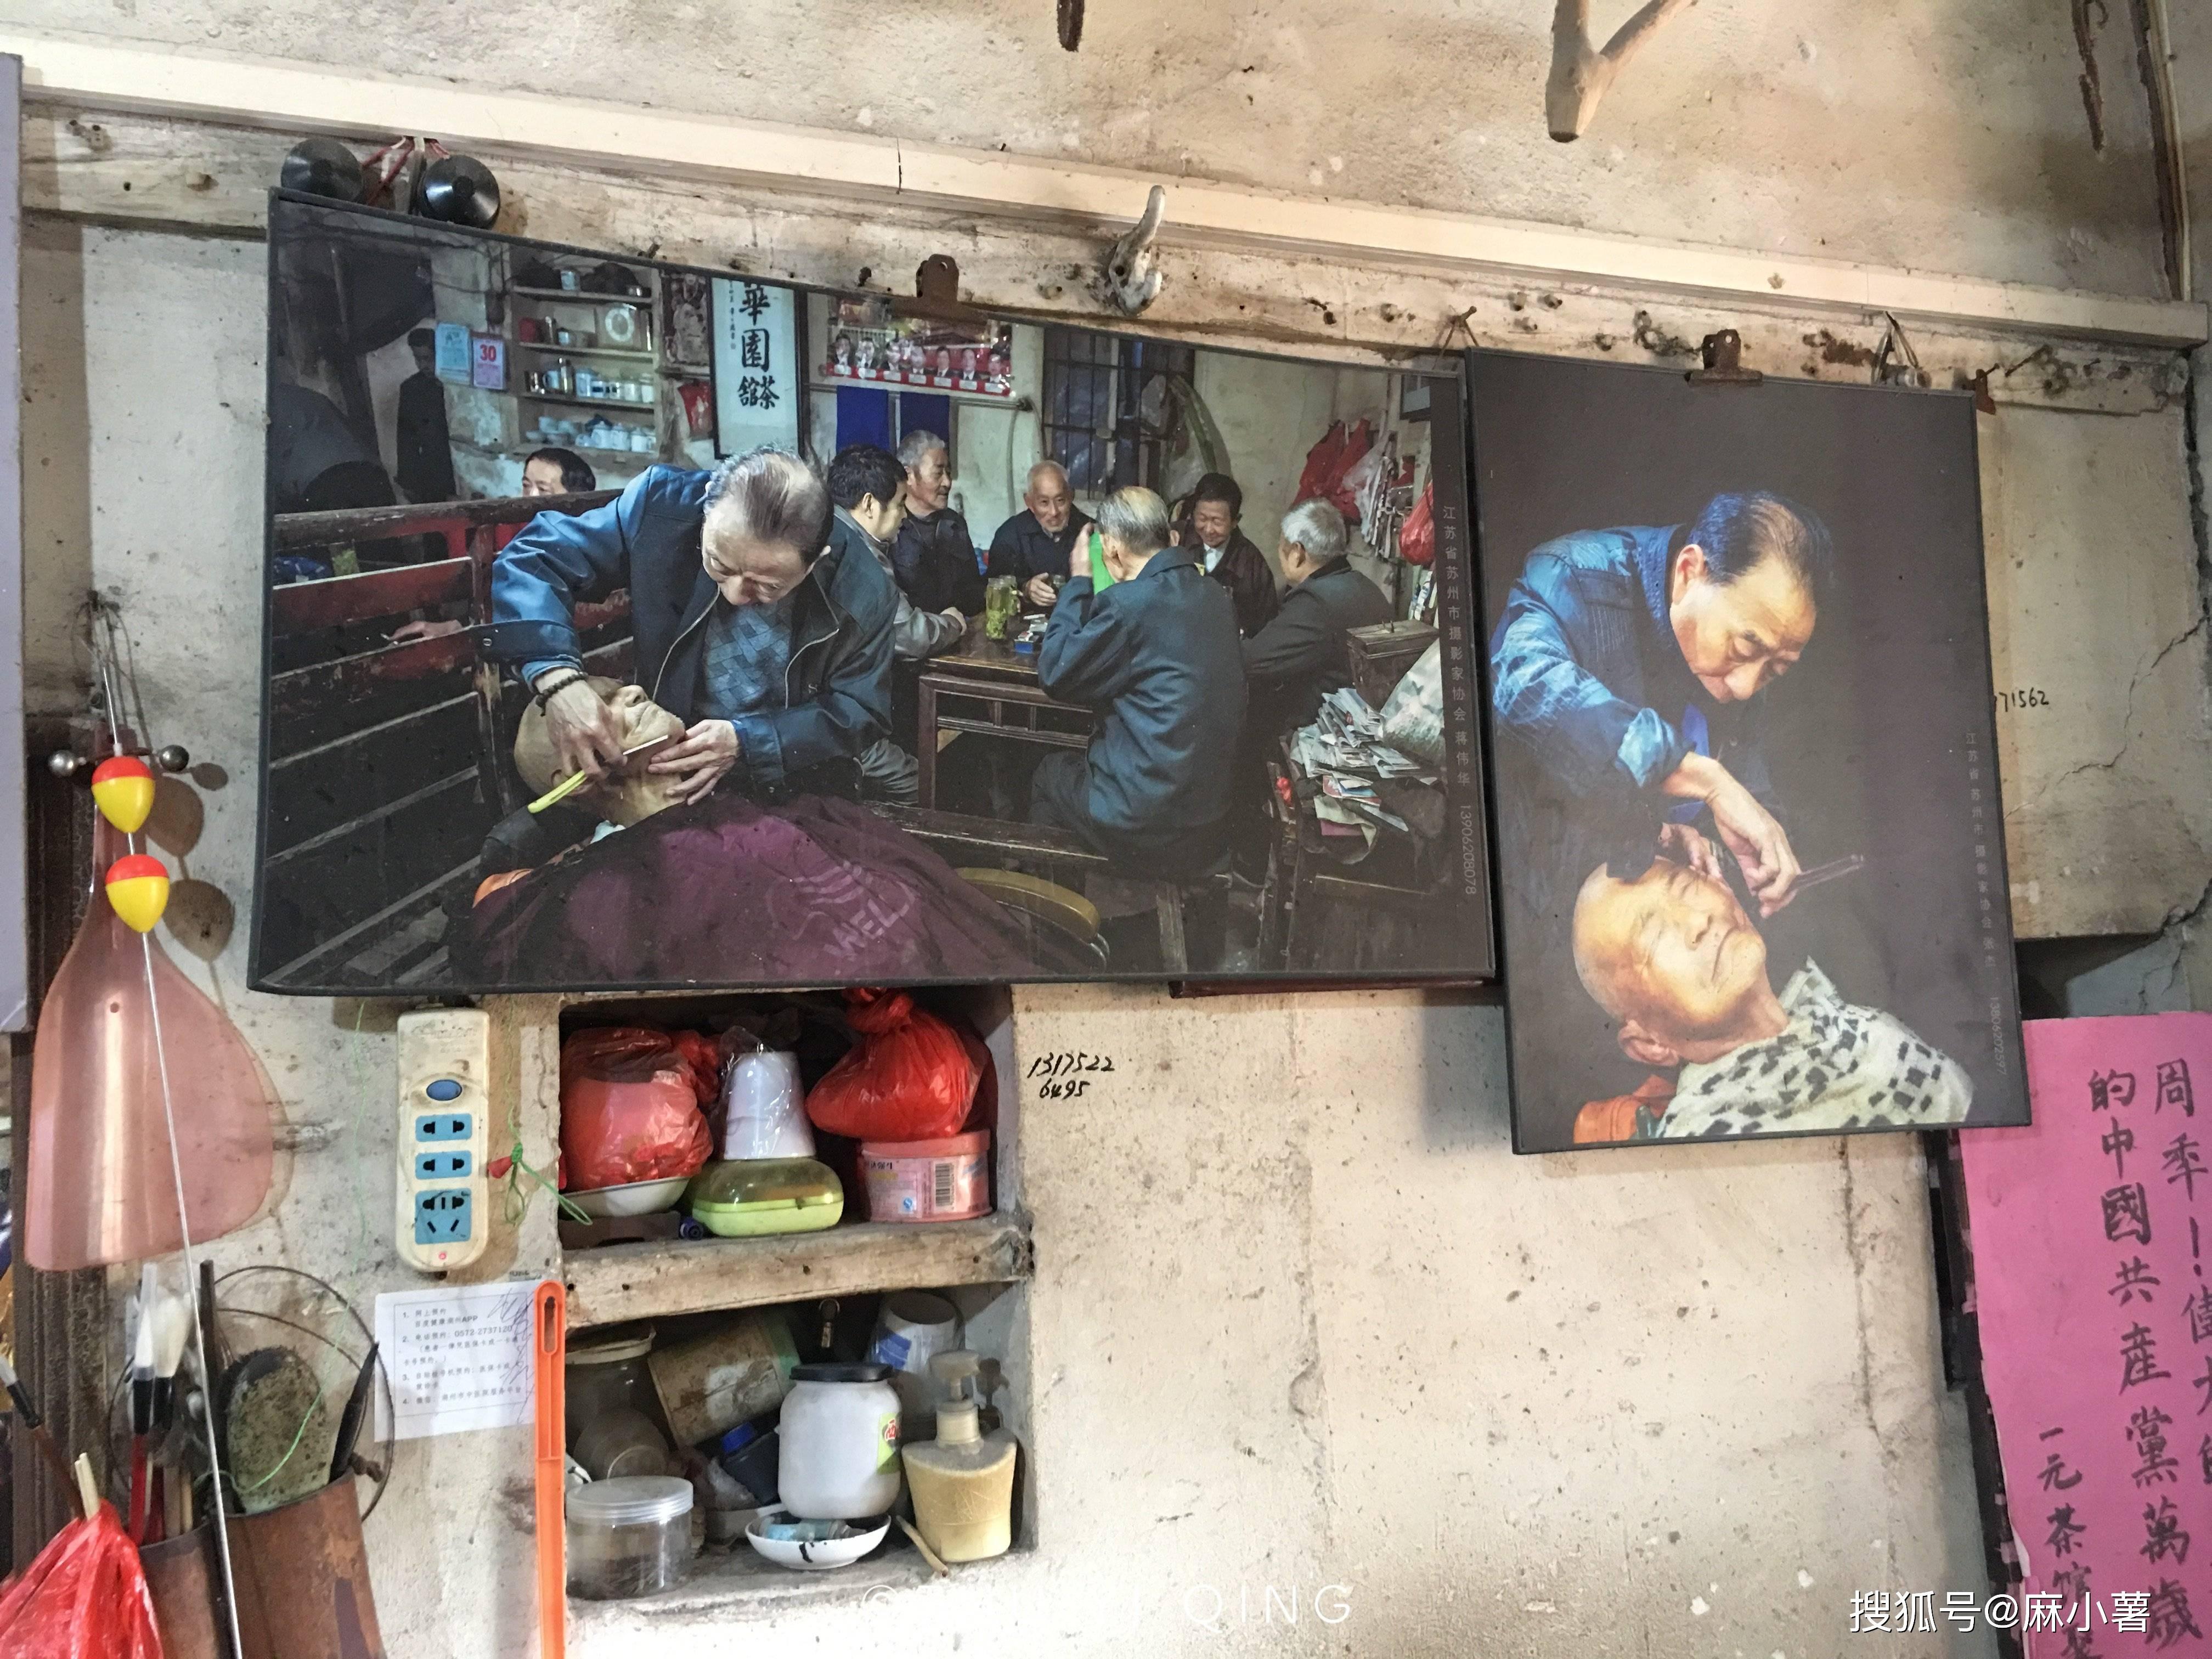 浙江有座百年茶馆,一杯茶只卖一元,价格从来不变却依然营业至今